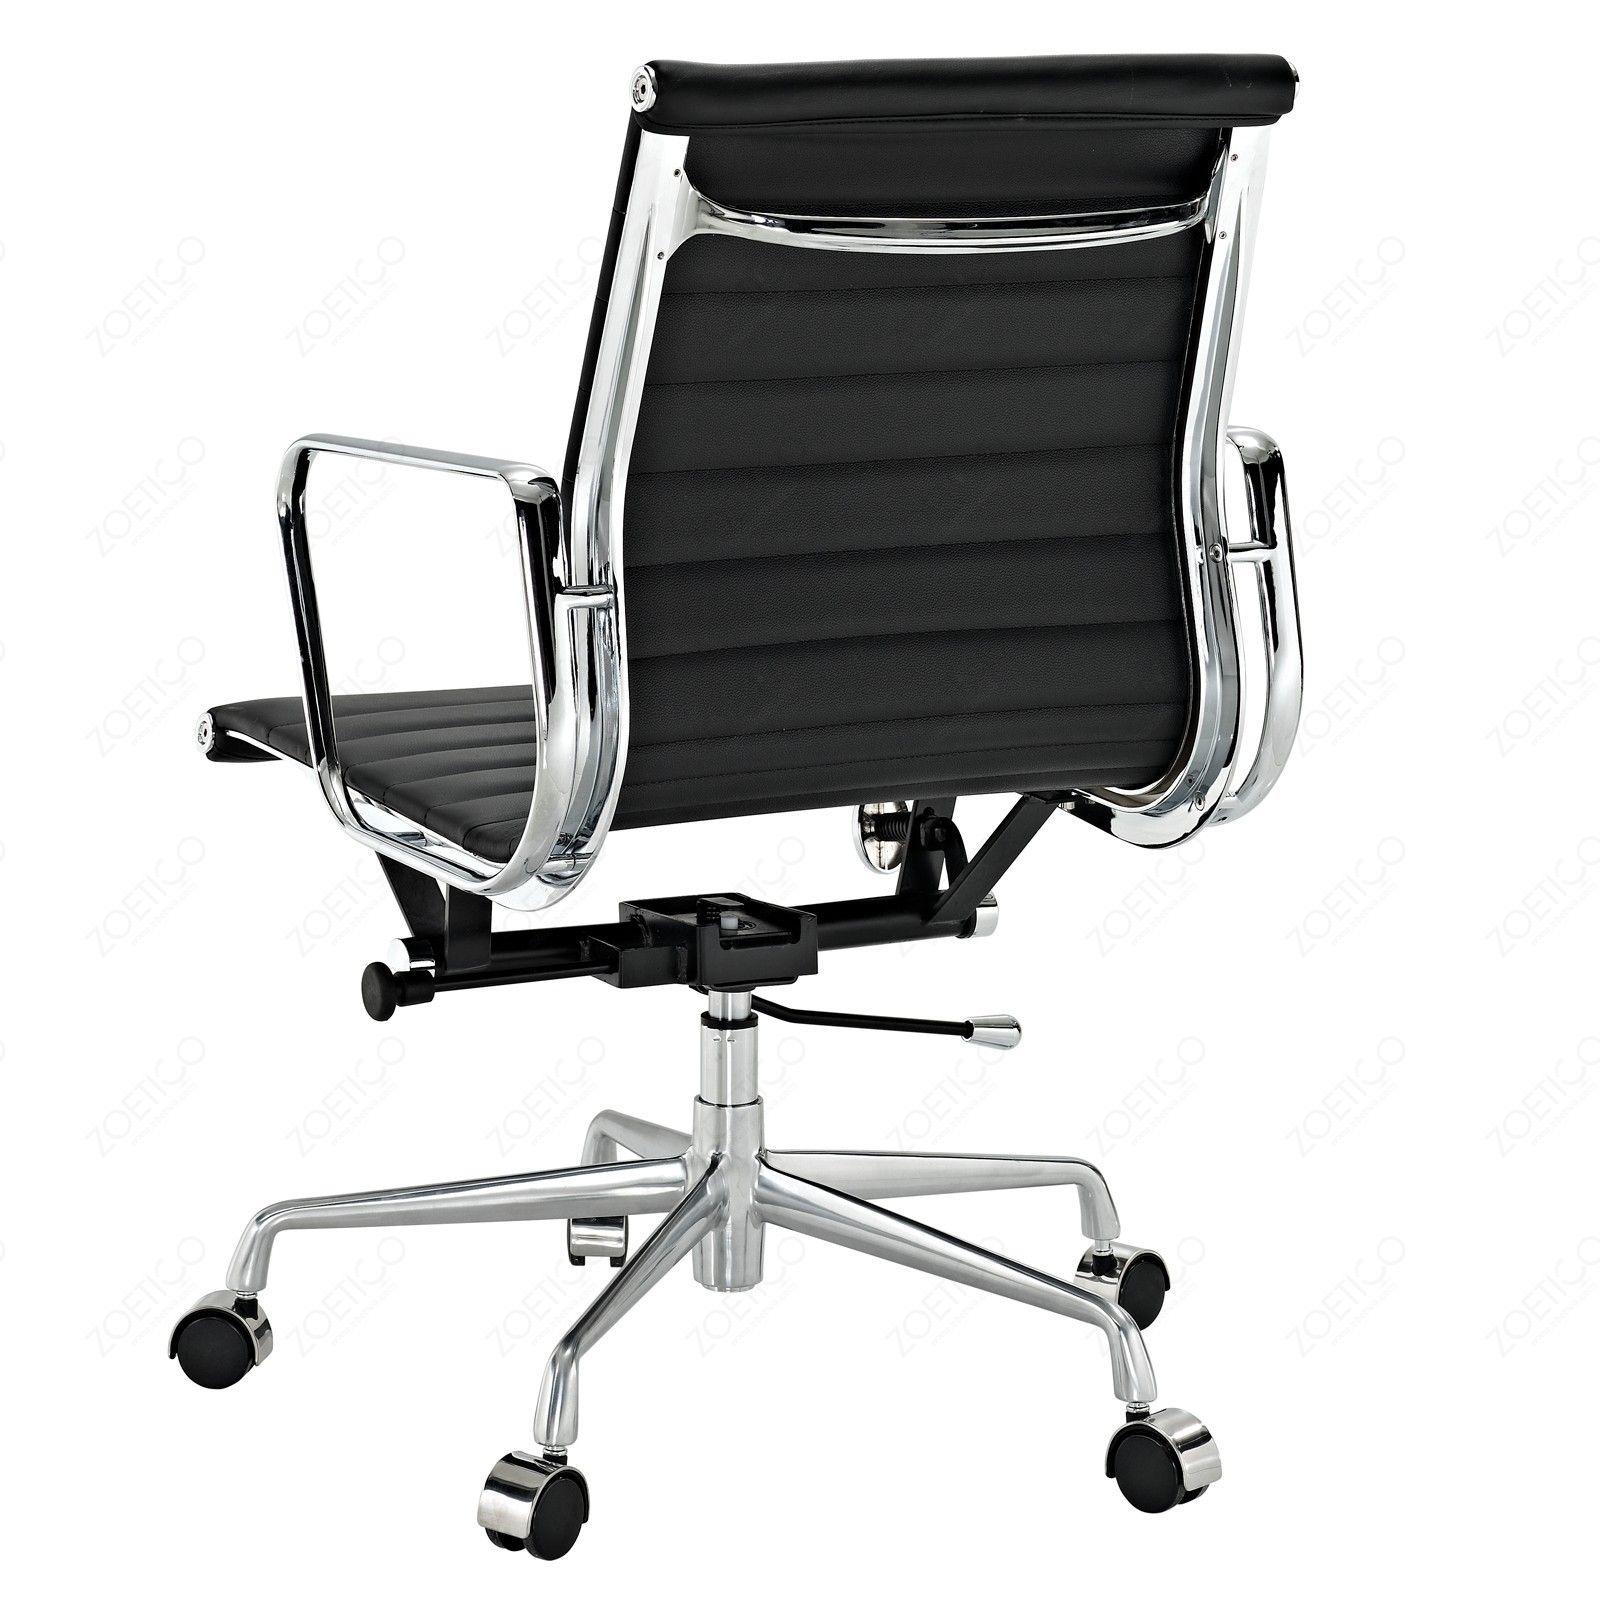 back office Stuhl - Bürostuhl | BüroMöbel | Pinterest